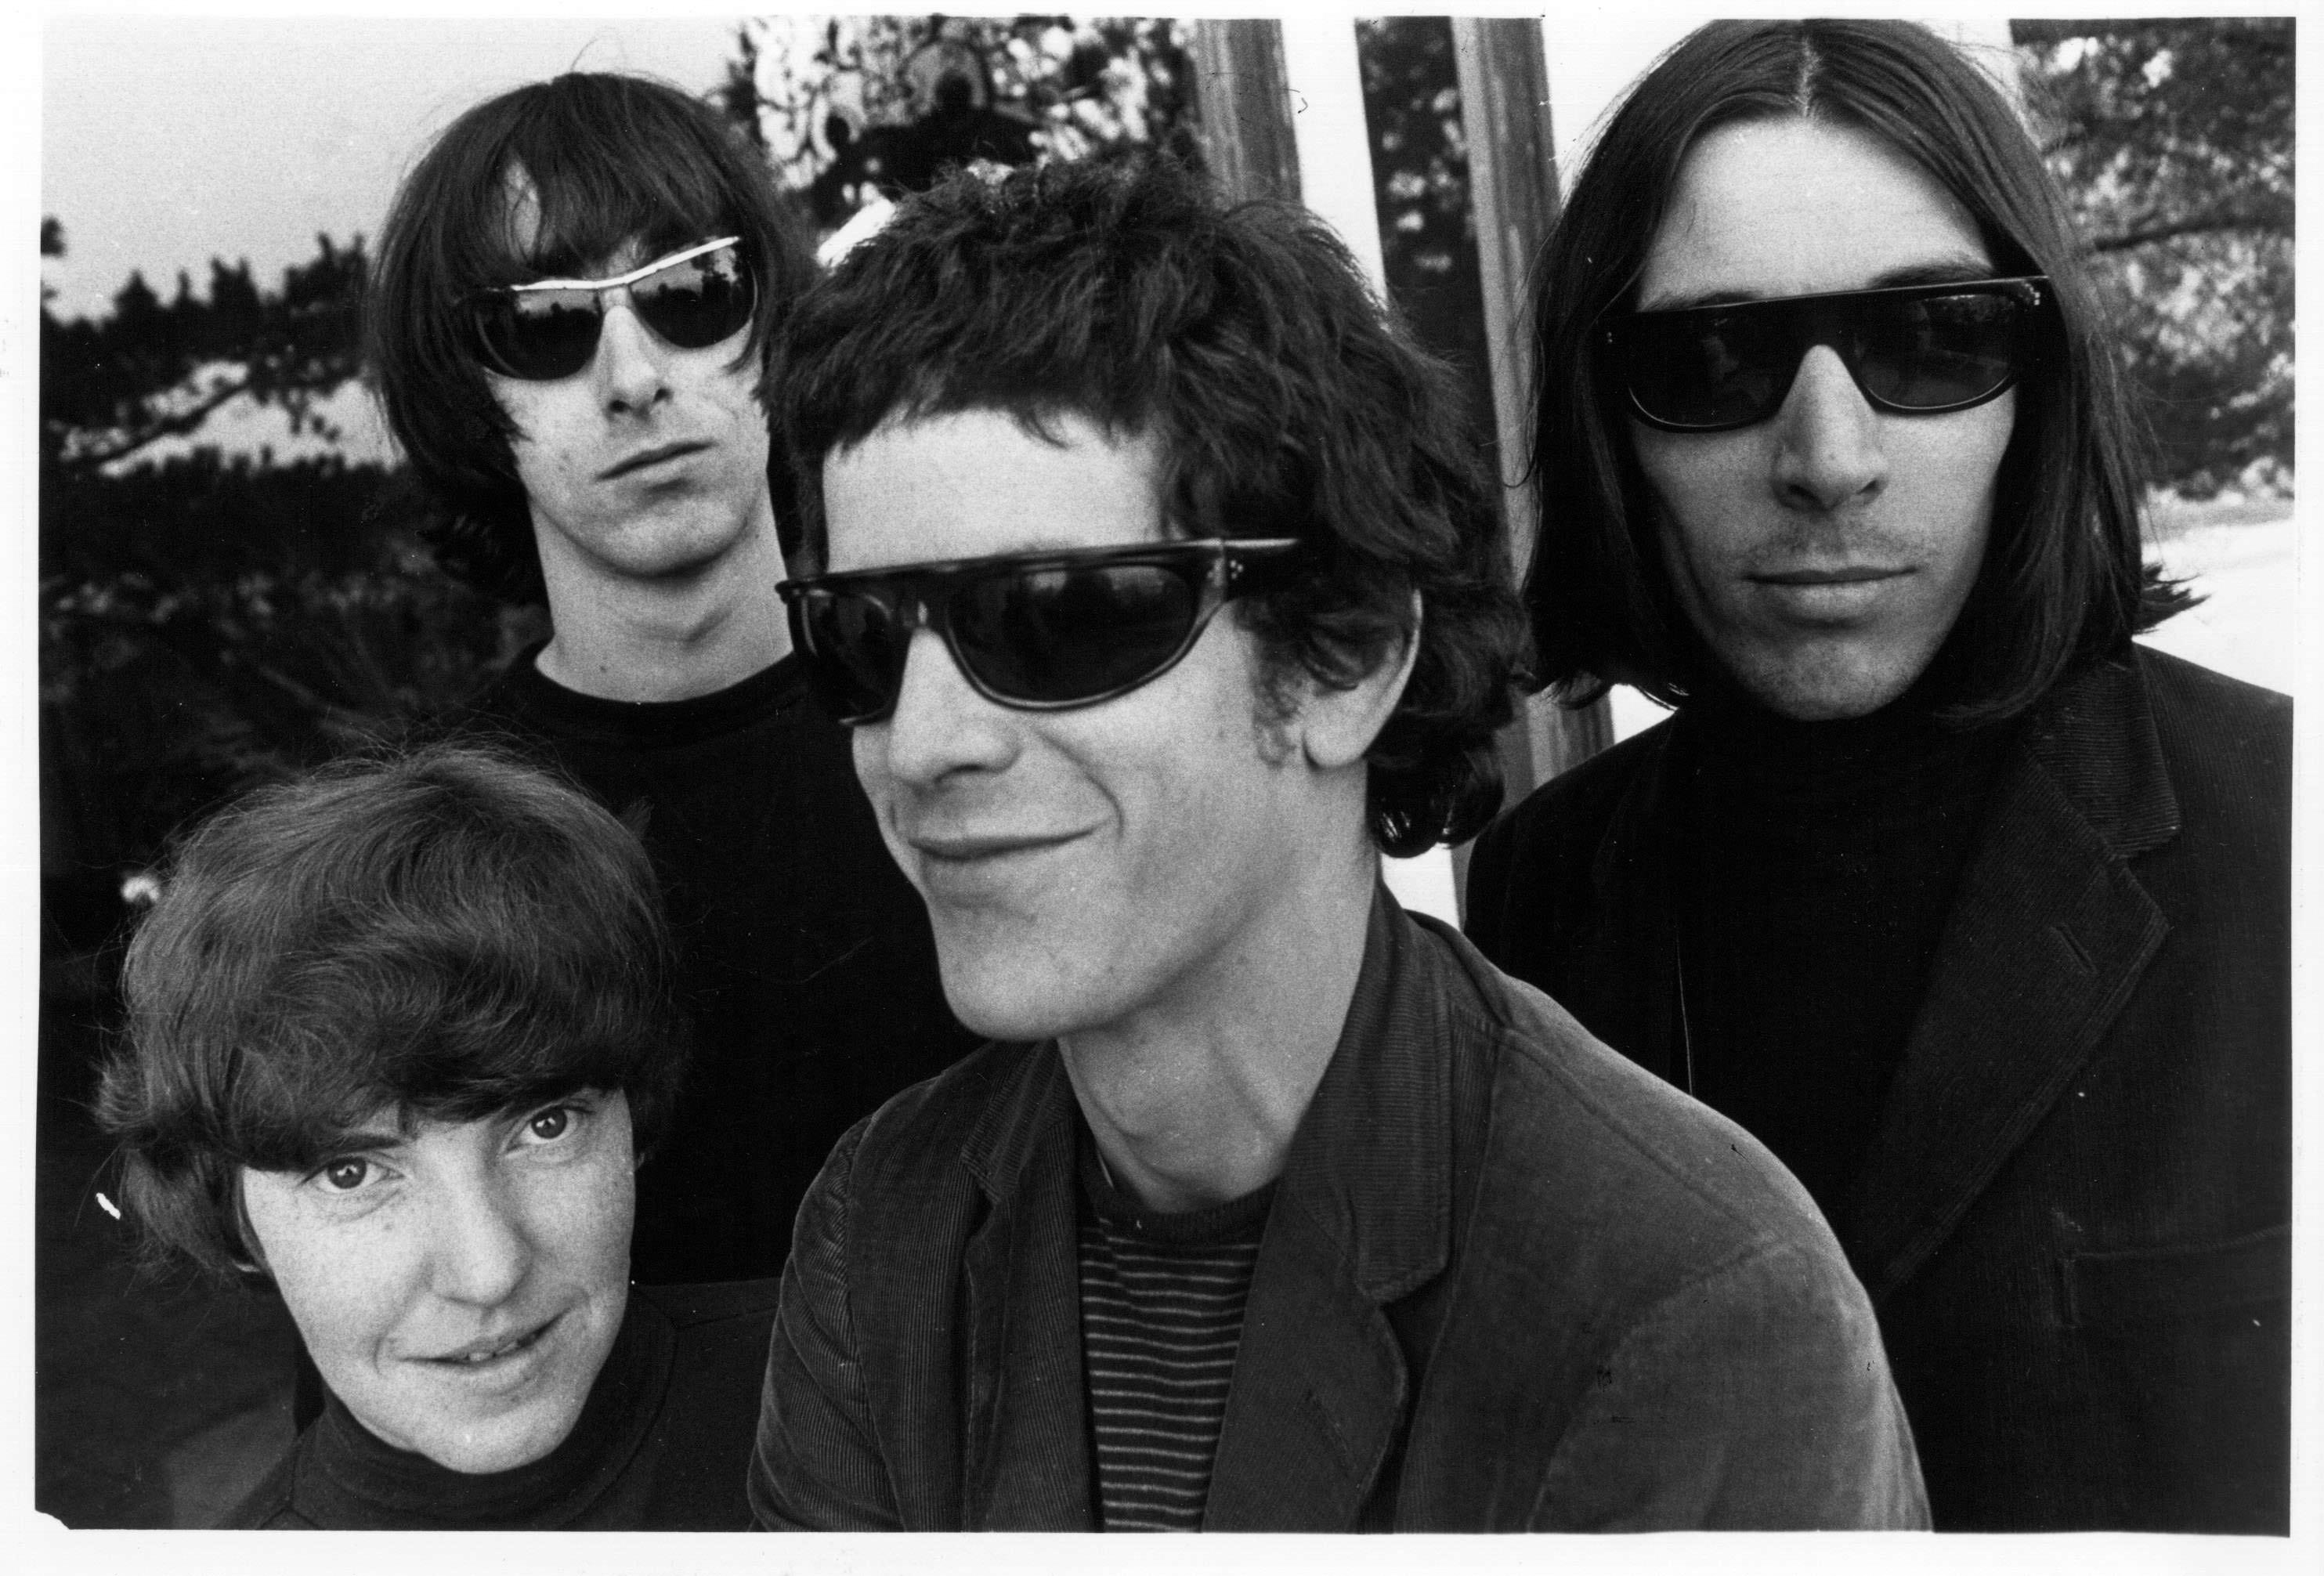 Gerard Malanga et le Velvet Underground au Castle de Los Angeles,1966.  3.Elle nous inspire par son aspect graphique Affiches de concertillustrées, pages de magazinesubversives (il est beaucoup question de filles nues et de dope), pochettes de disque, l'esthétique du Velvet Underground fut aussi importante que sa musique. Lafaute à sonproducteur-pygmalion, Andy Warhol, qui fut son véritable gourou et lia sonhistoire à celle de la sémillante Factory. Les murs noirs et la scénographie signée Matali Crasset, ainsi que les néons et les figurines en carton des membres du groupe, mettent bien en valeur l'aura de l'imagerie de la contre-culture propre à ces héros souterrains.